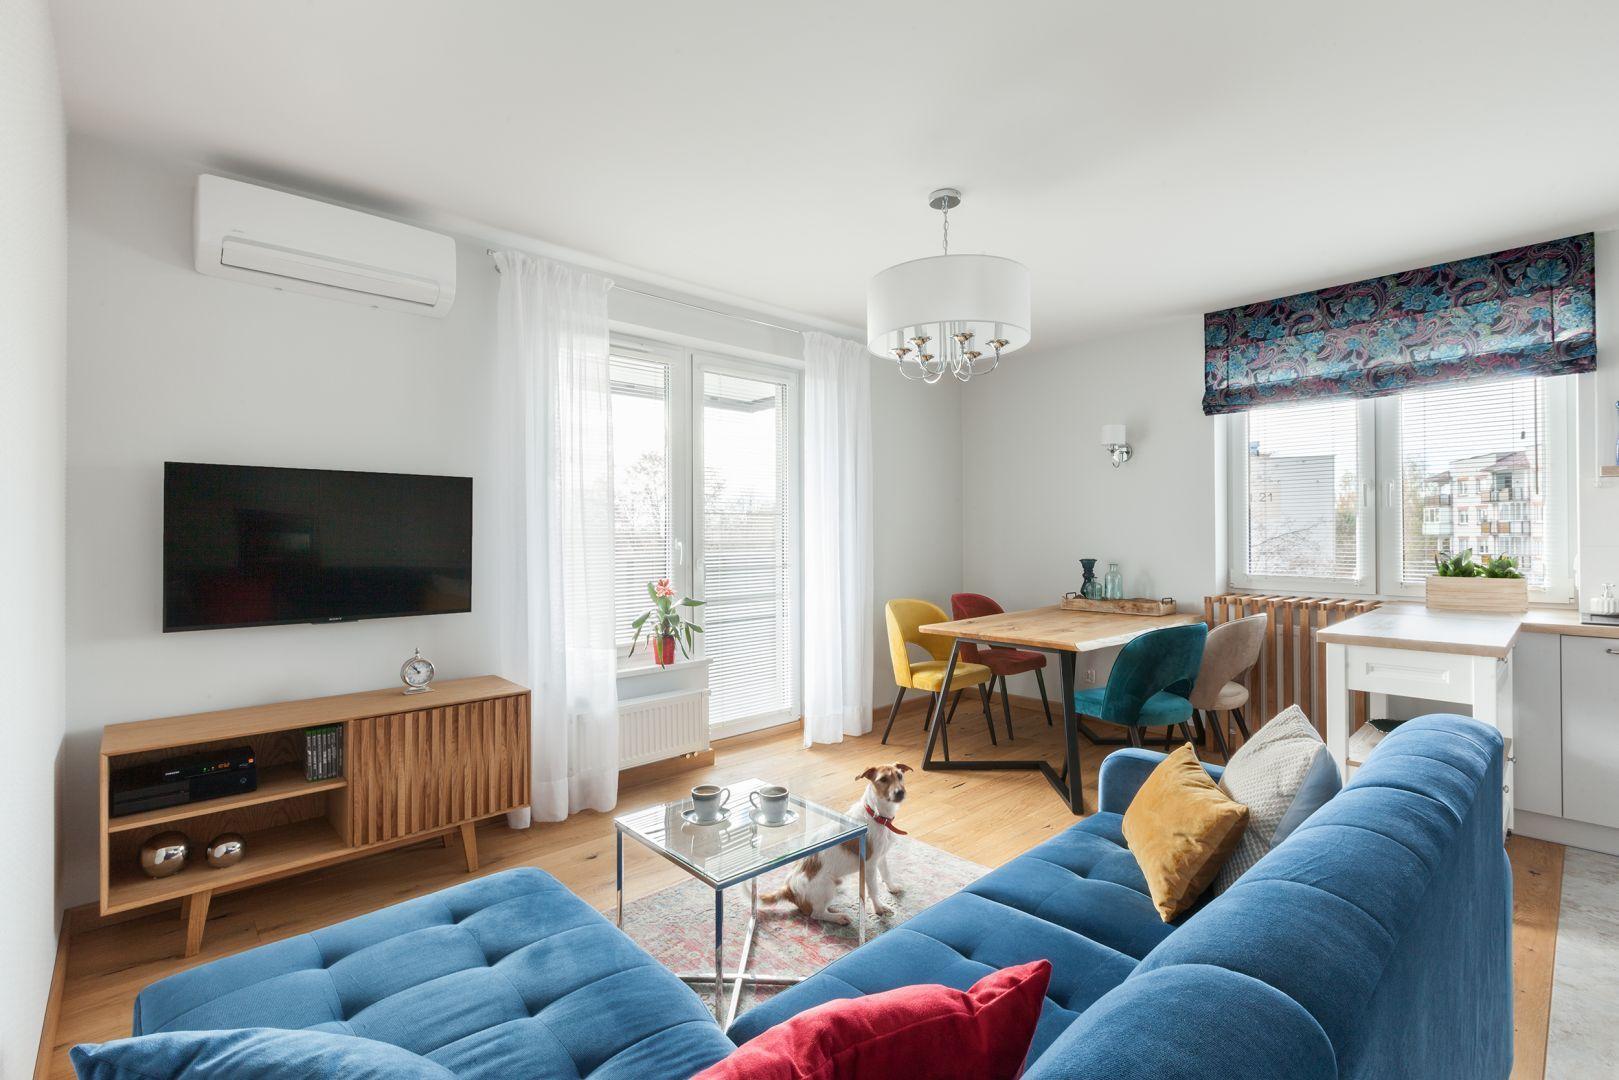 Biały salon z drewnem pięknie ożywiają kolorowe dodatki. Projekt: Justyna Mojżyk, poliFORMA. Fot. Monika Filipiuk-Obałek